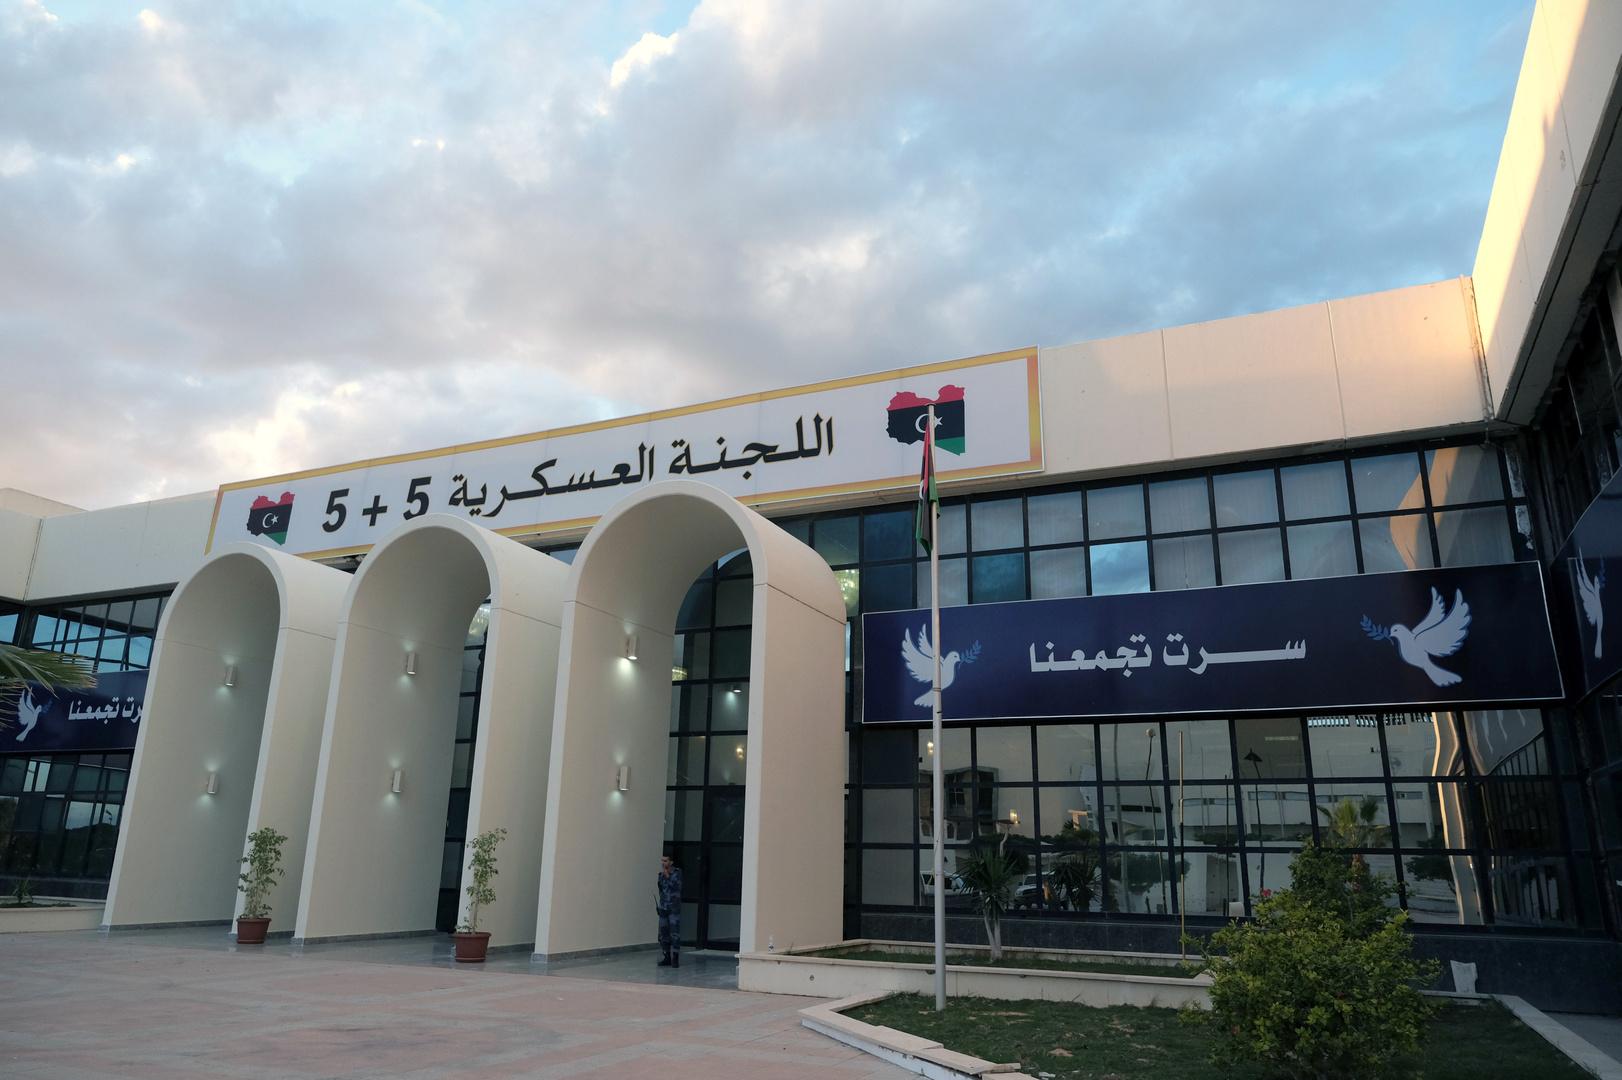 ليبيا.. اللجنة العسكرية تعقد اجتماعها السابع بحضور أممي